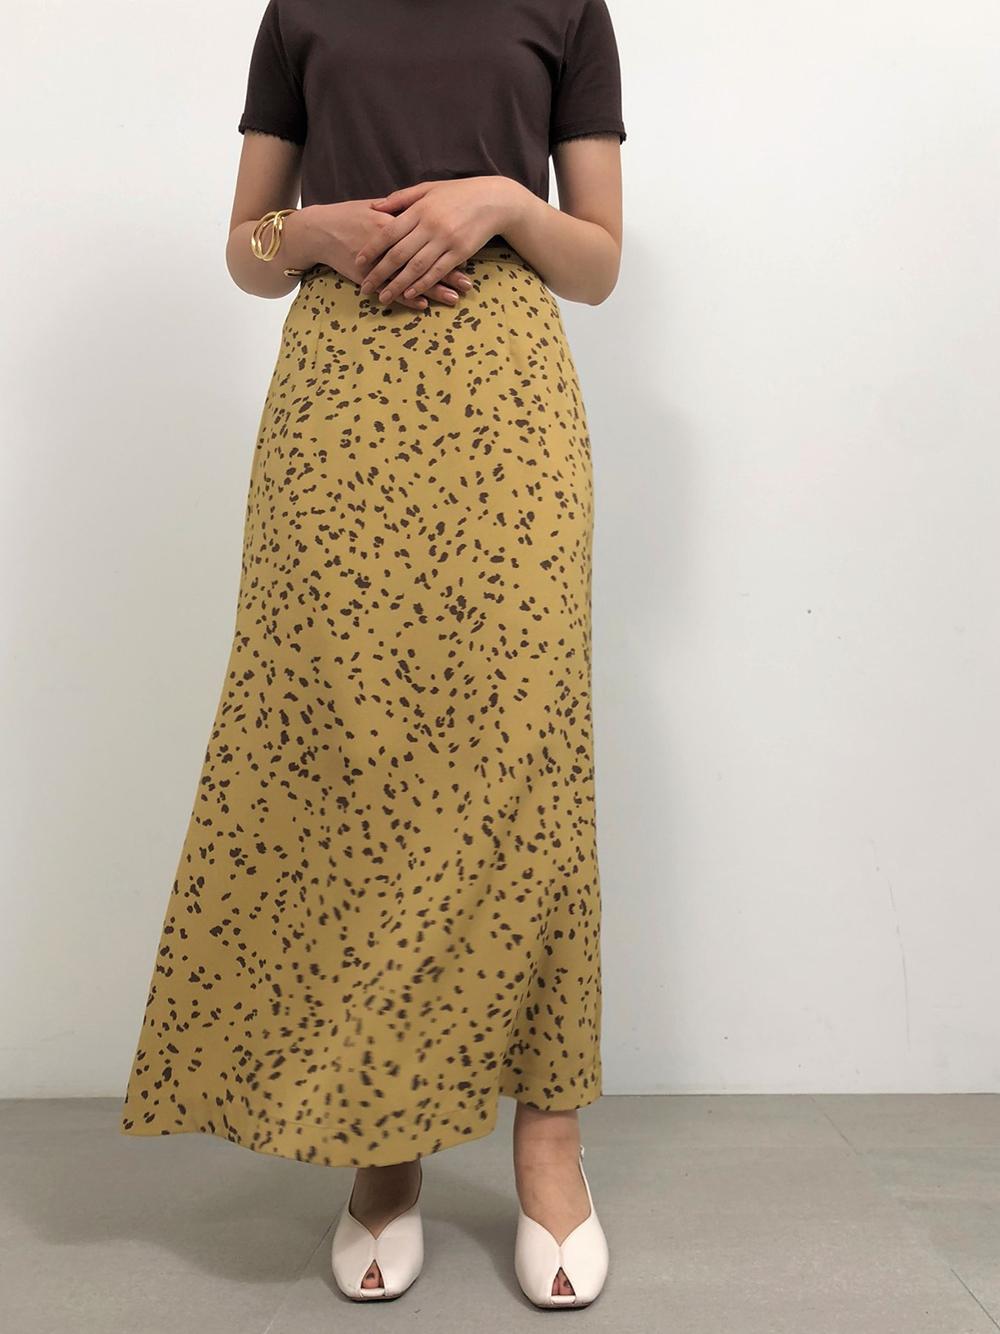 バリエーションプリントサテンスカート(YEL-0)